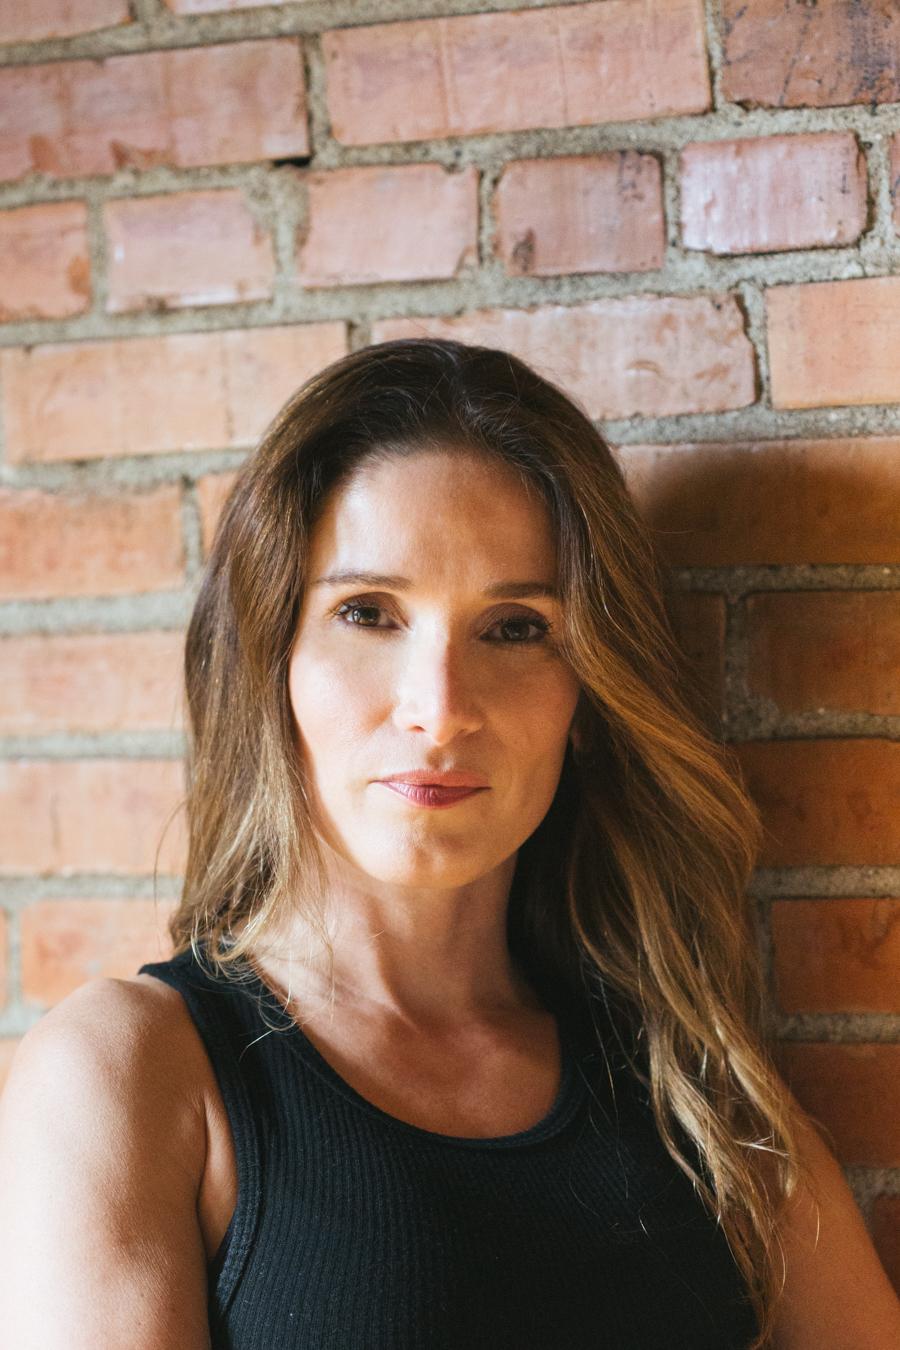 Flathead-Living-Summer-2017-Style-Guide-Mandy-Mohler-16-2 (1).JPG